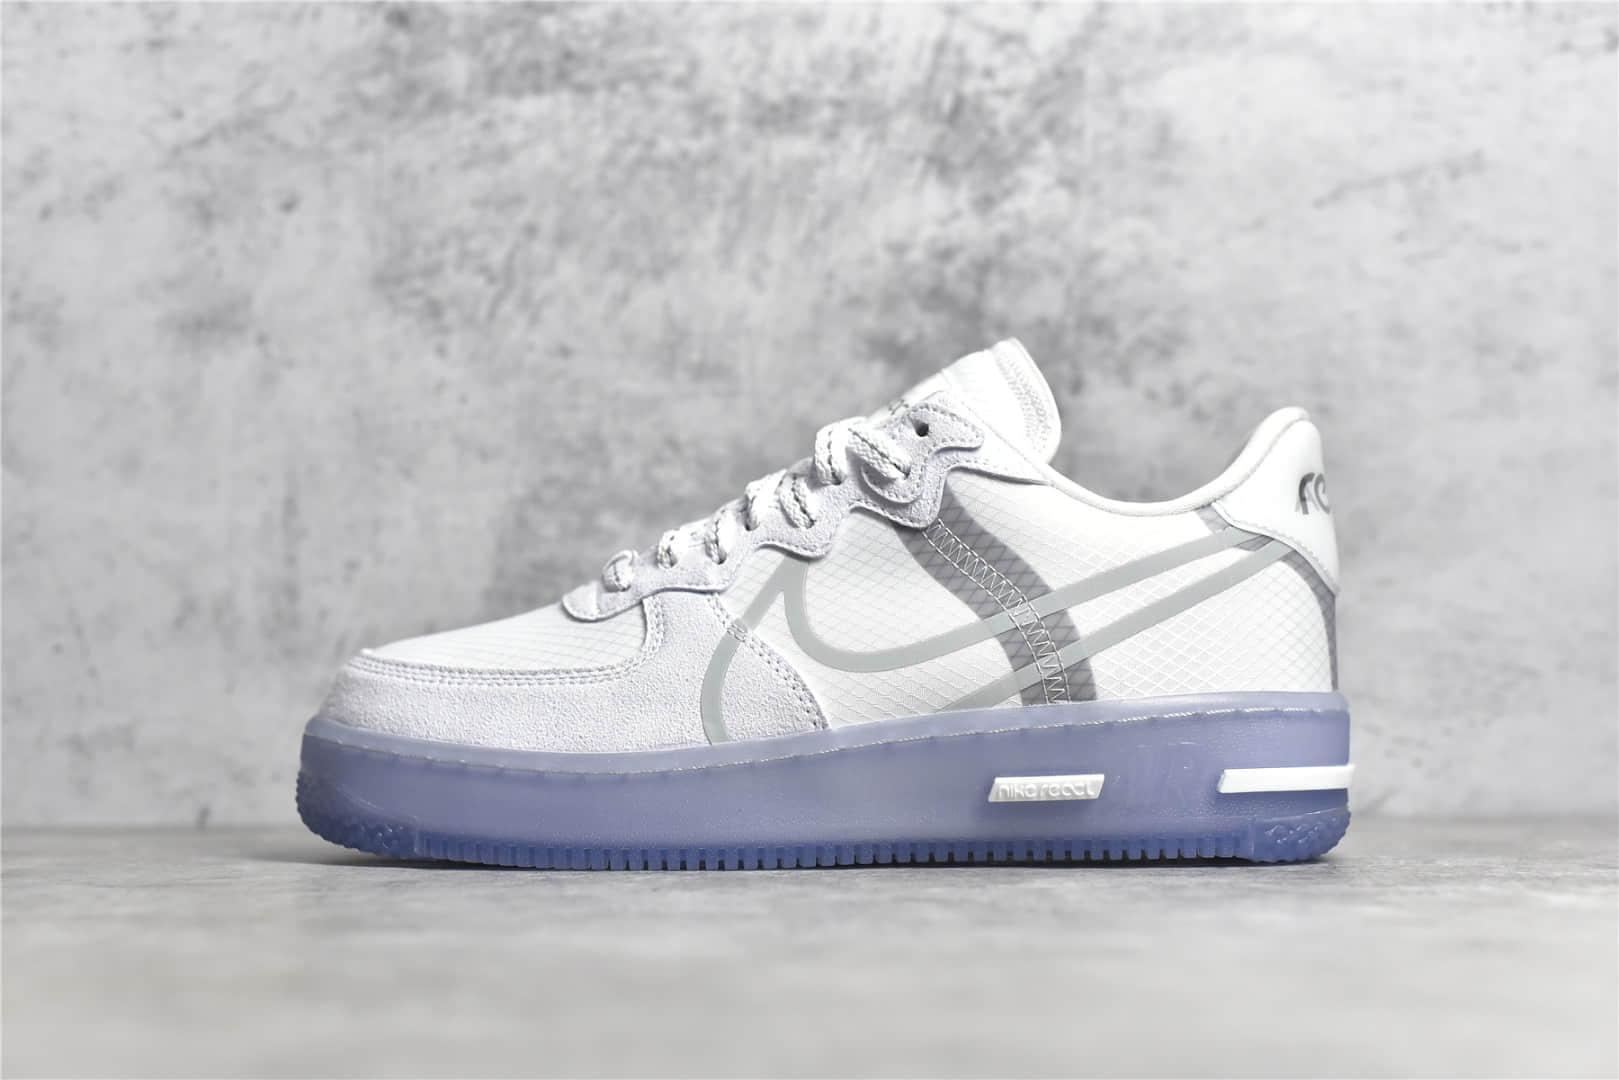 耐克空军骨白冰蓝低帮 Nike Air Force 1 React QS Light Bone 耐克瑞亚空军冰蓝 耐克空军缓震低帮 货号:CQ8879-100-潮流者之家